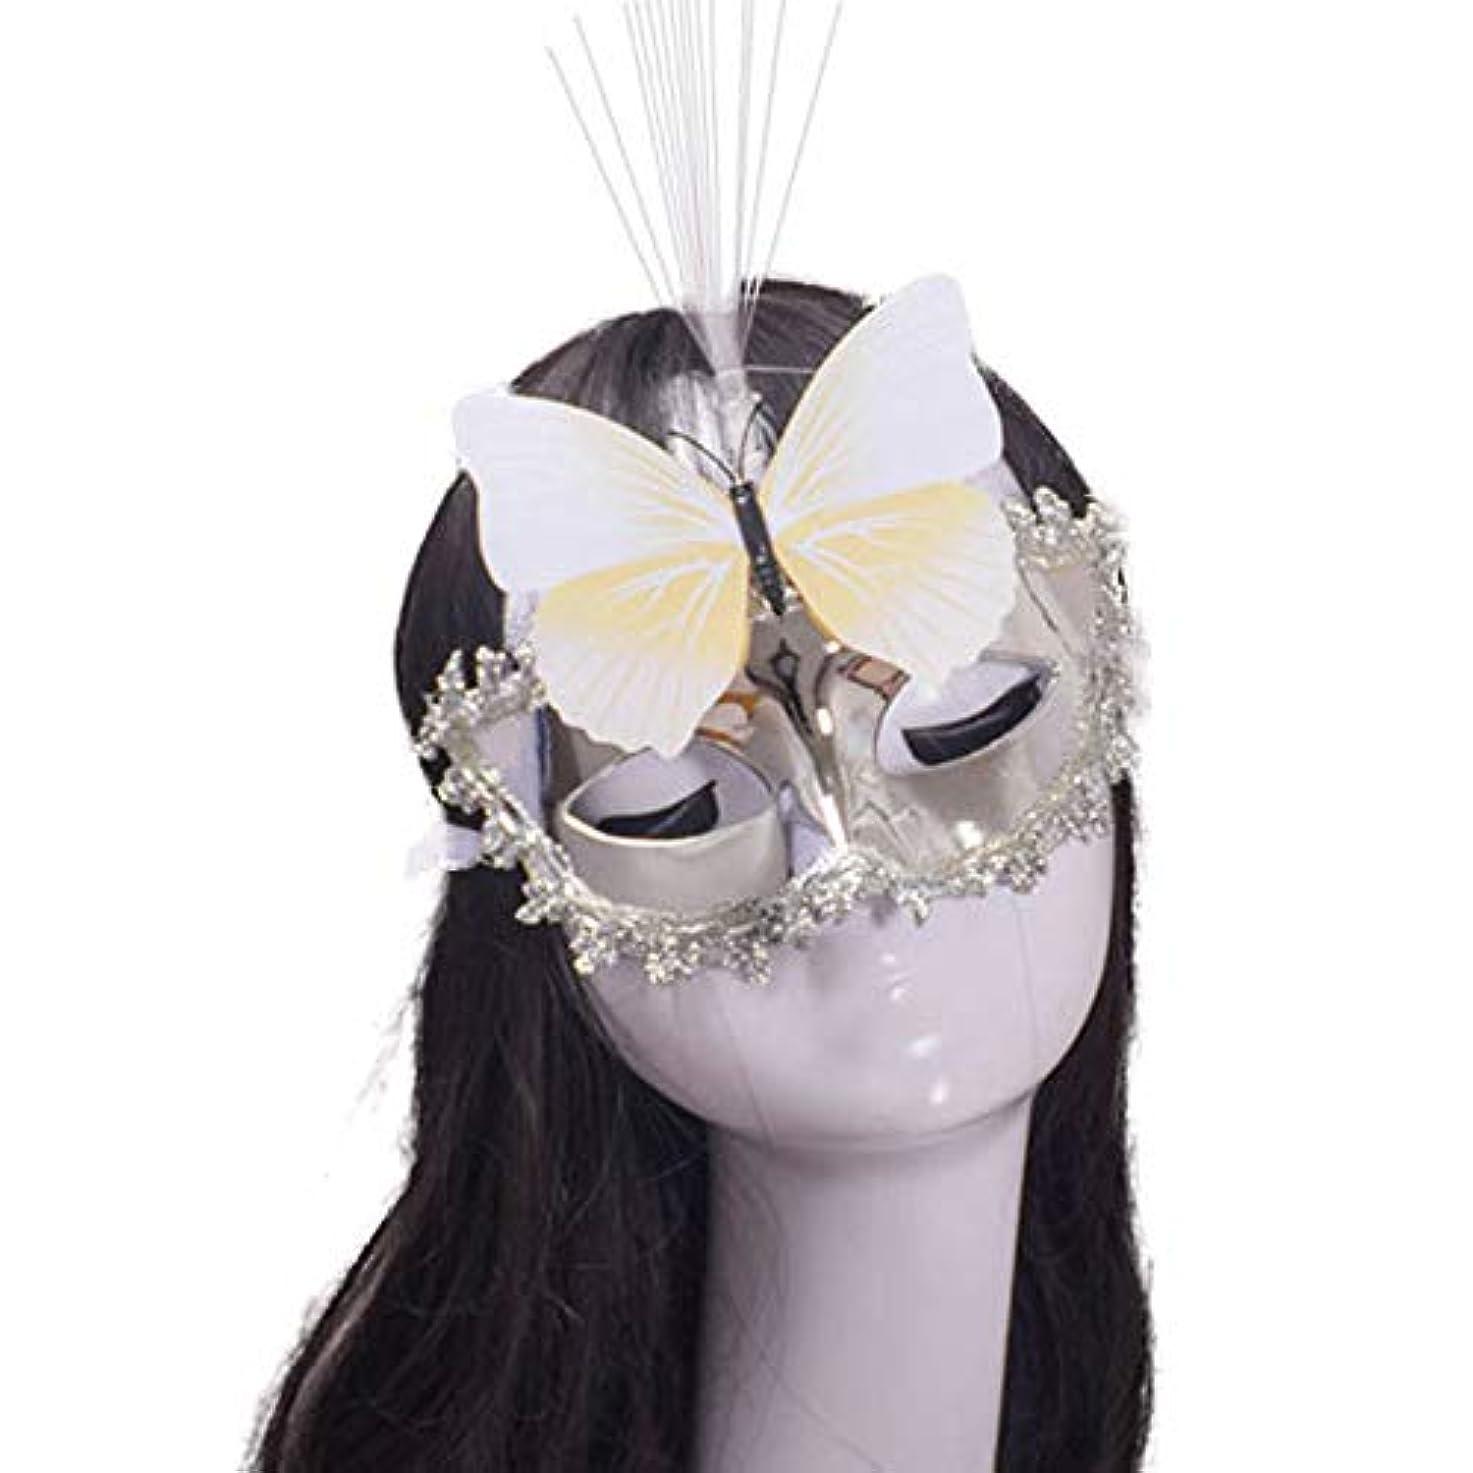 ばか猫背しないでくださいAuntwhale ハロウィーンマスク大人恐怖コスチューム、蝶ファンシー仮装パーティーハロウィンマスク、フェスティバル通気性ギフトヘッドマスク - ホワイト